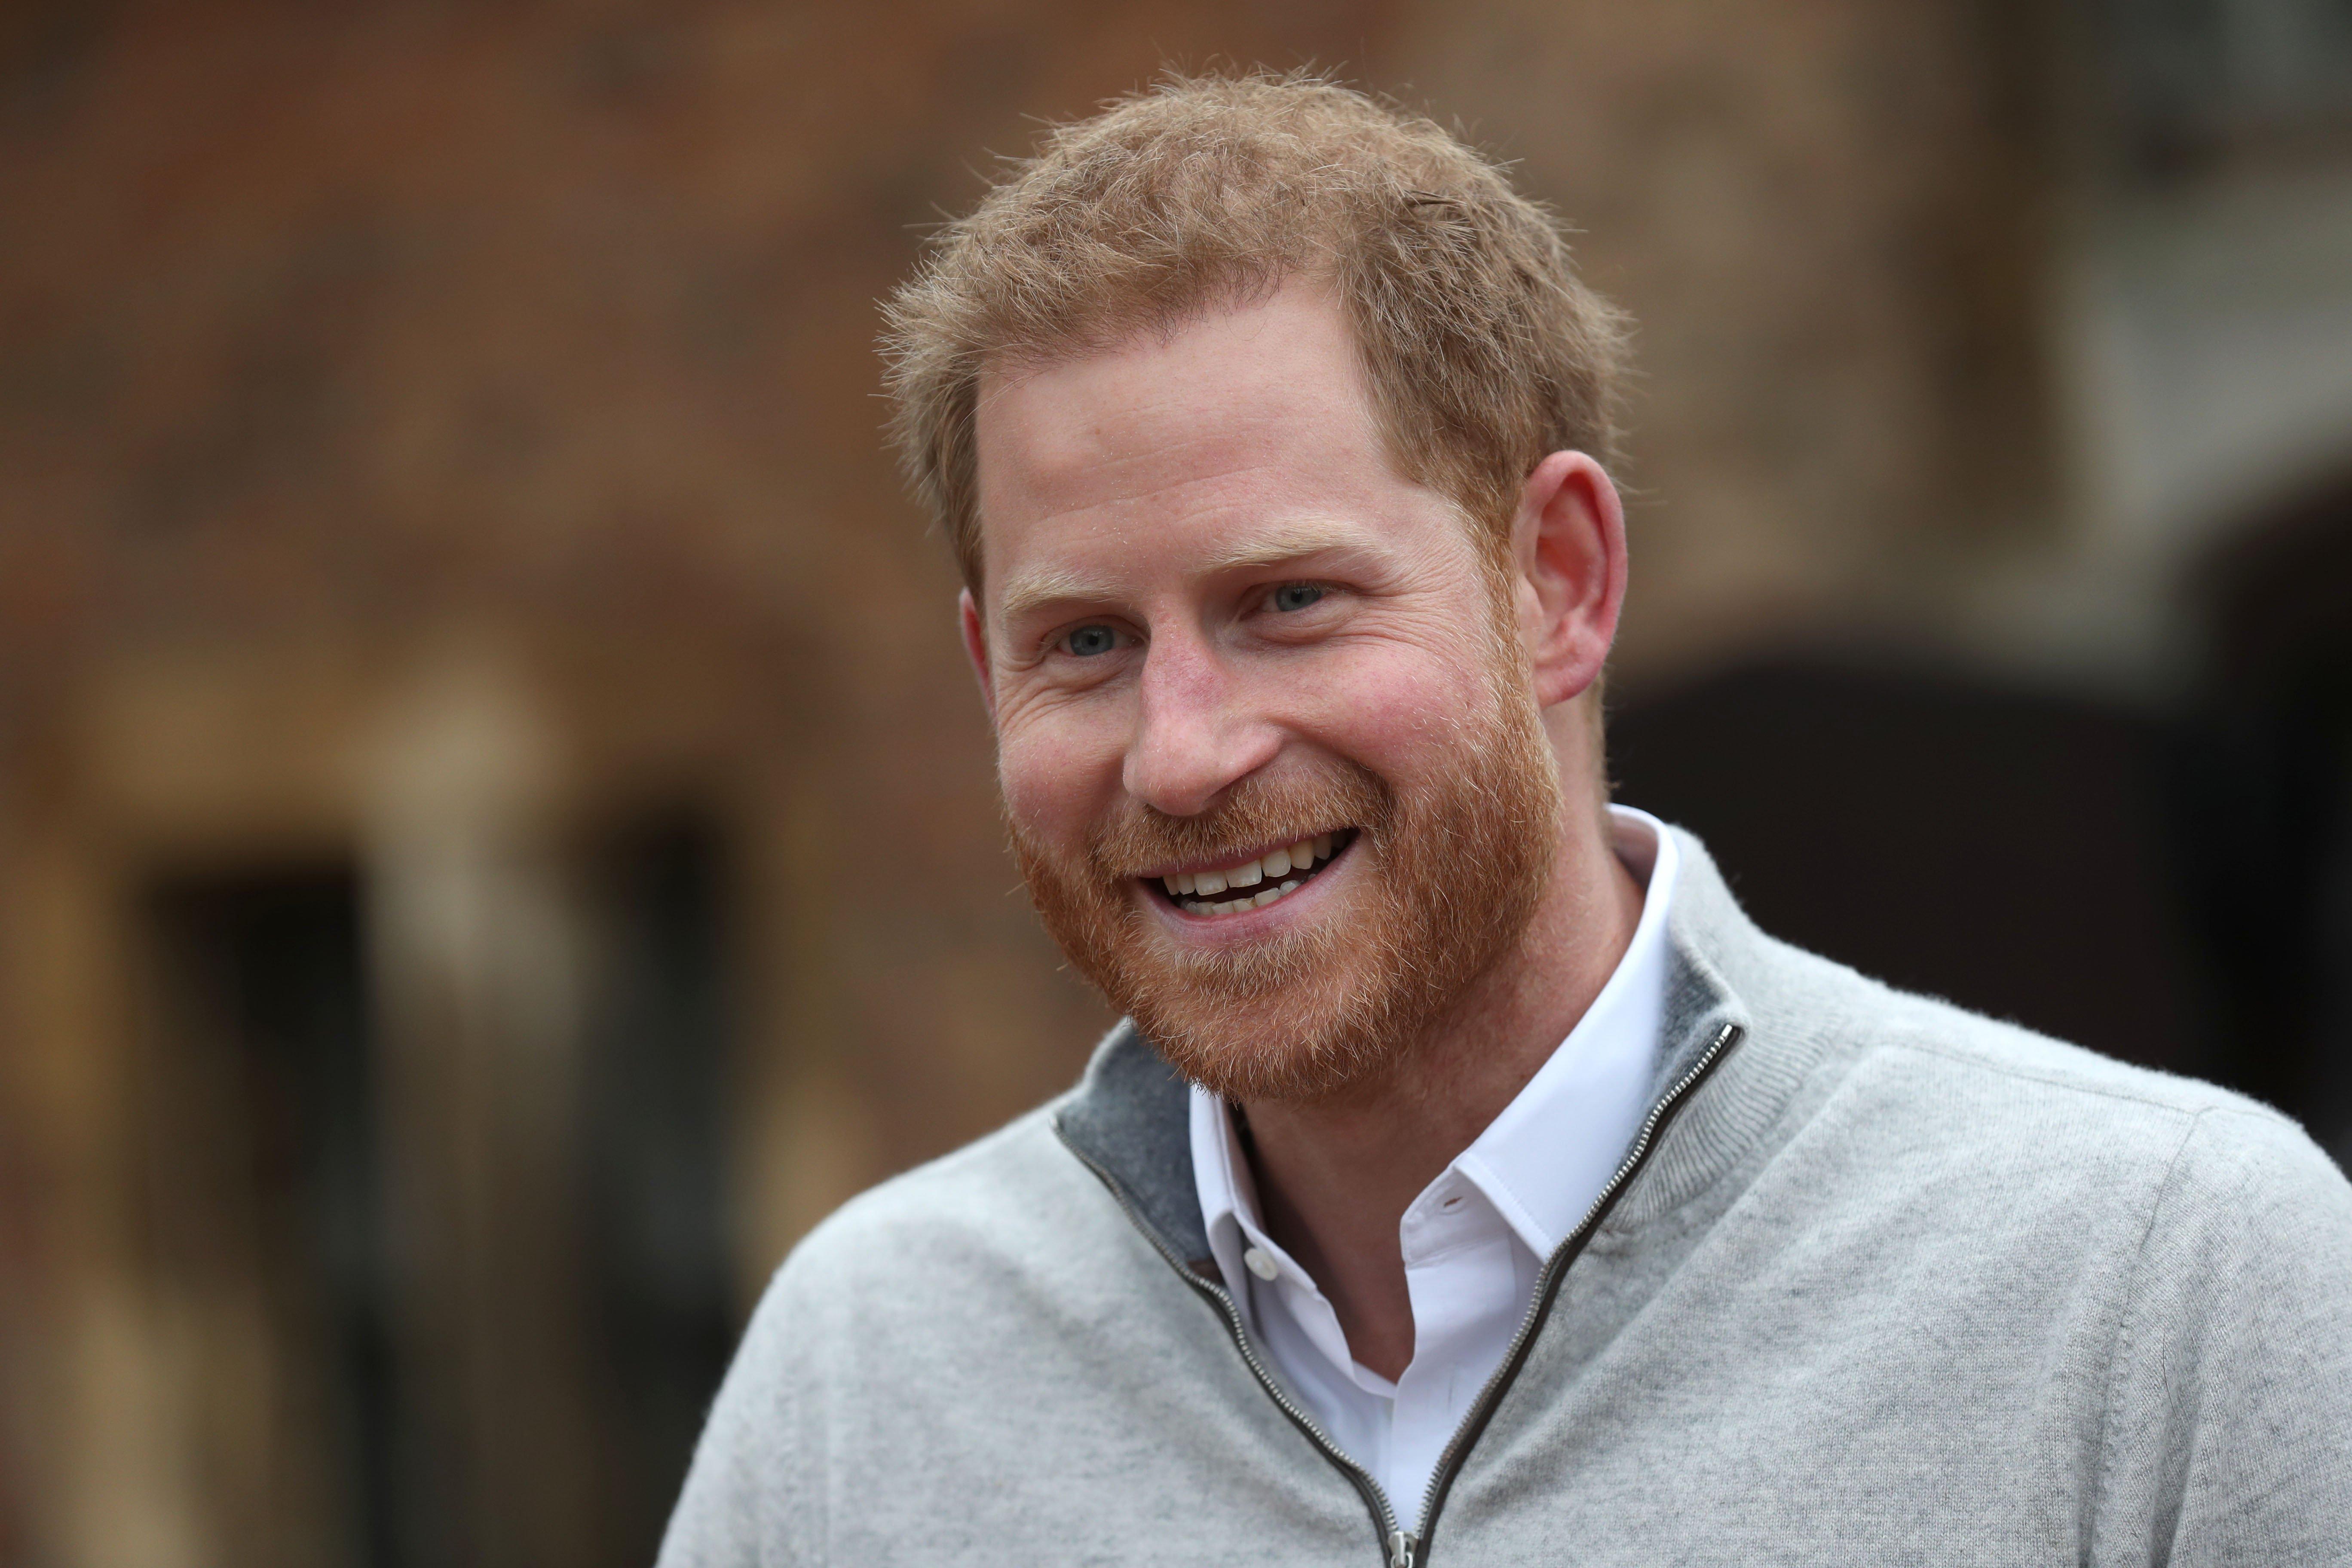 Le prince Harry très souriant qui s'adresse aux médias du château de Windsor après la naissance de son fils | Photo : Getty Images